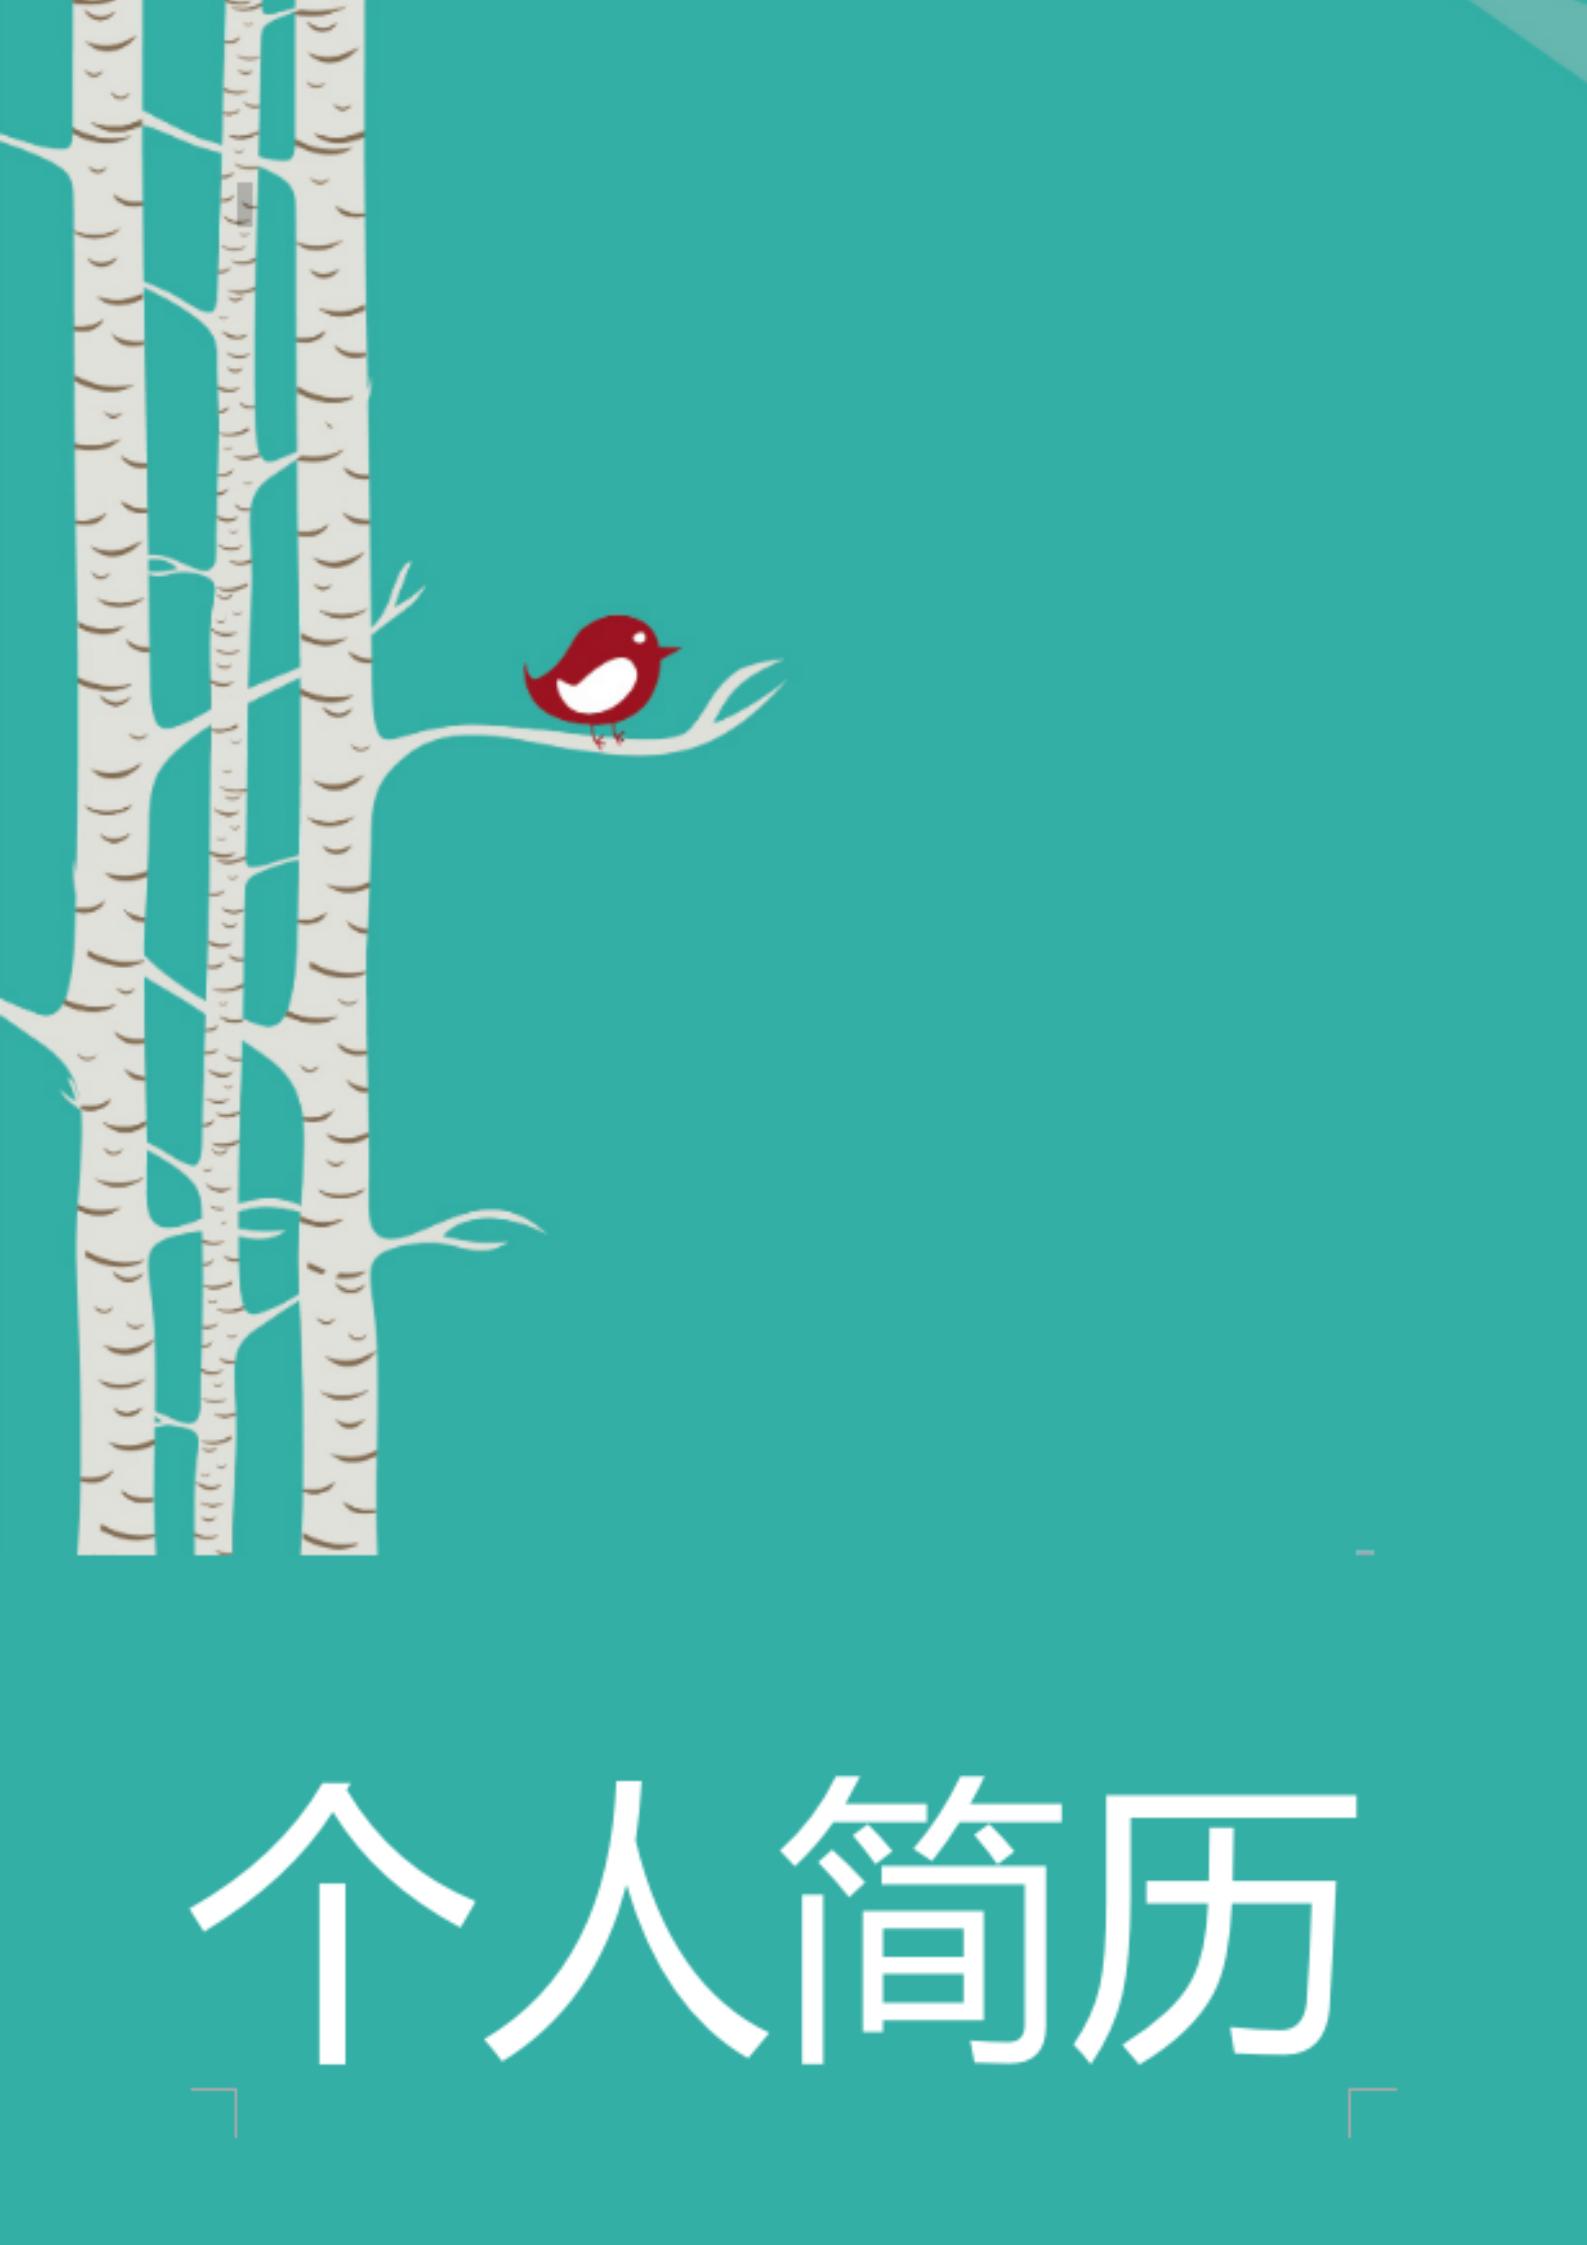 2020年小学升初中简历模板word免费下载(3)